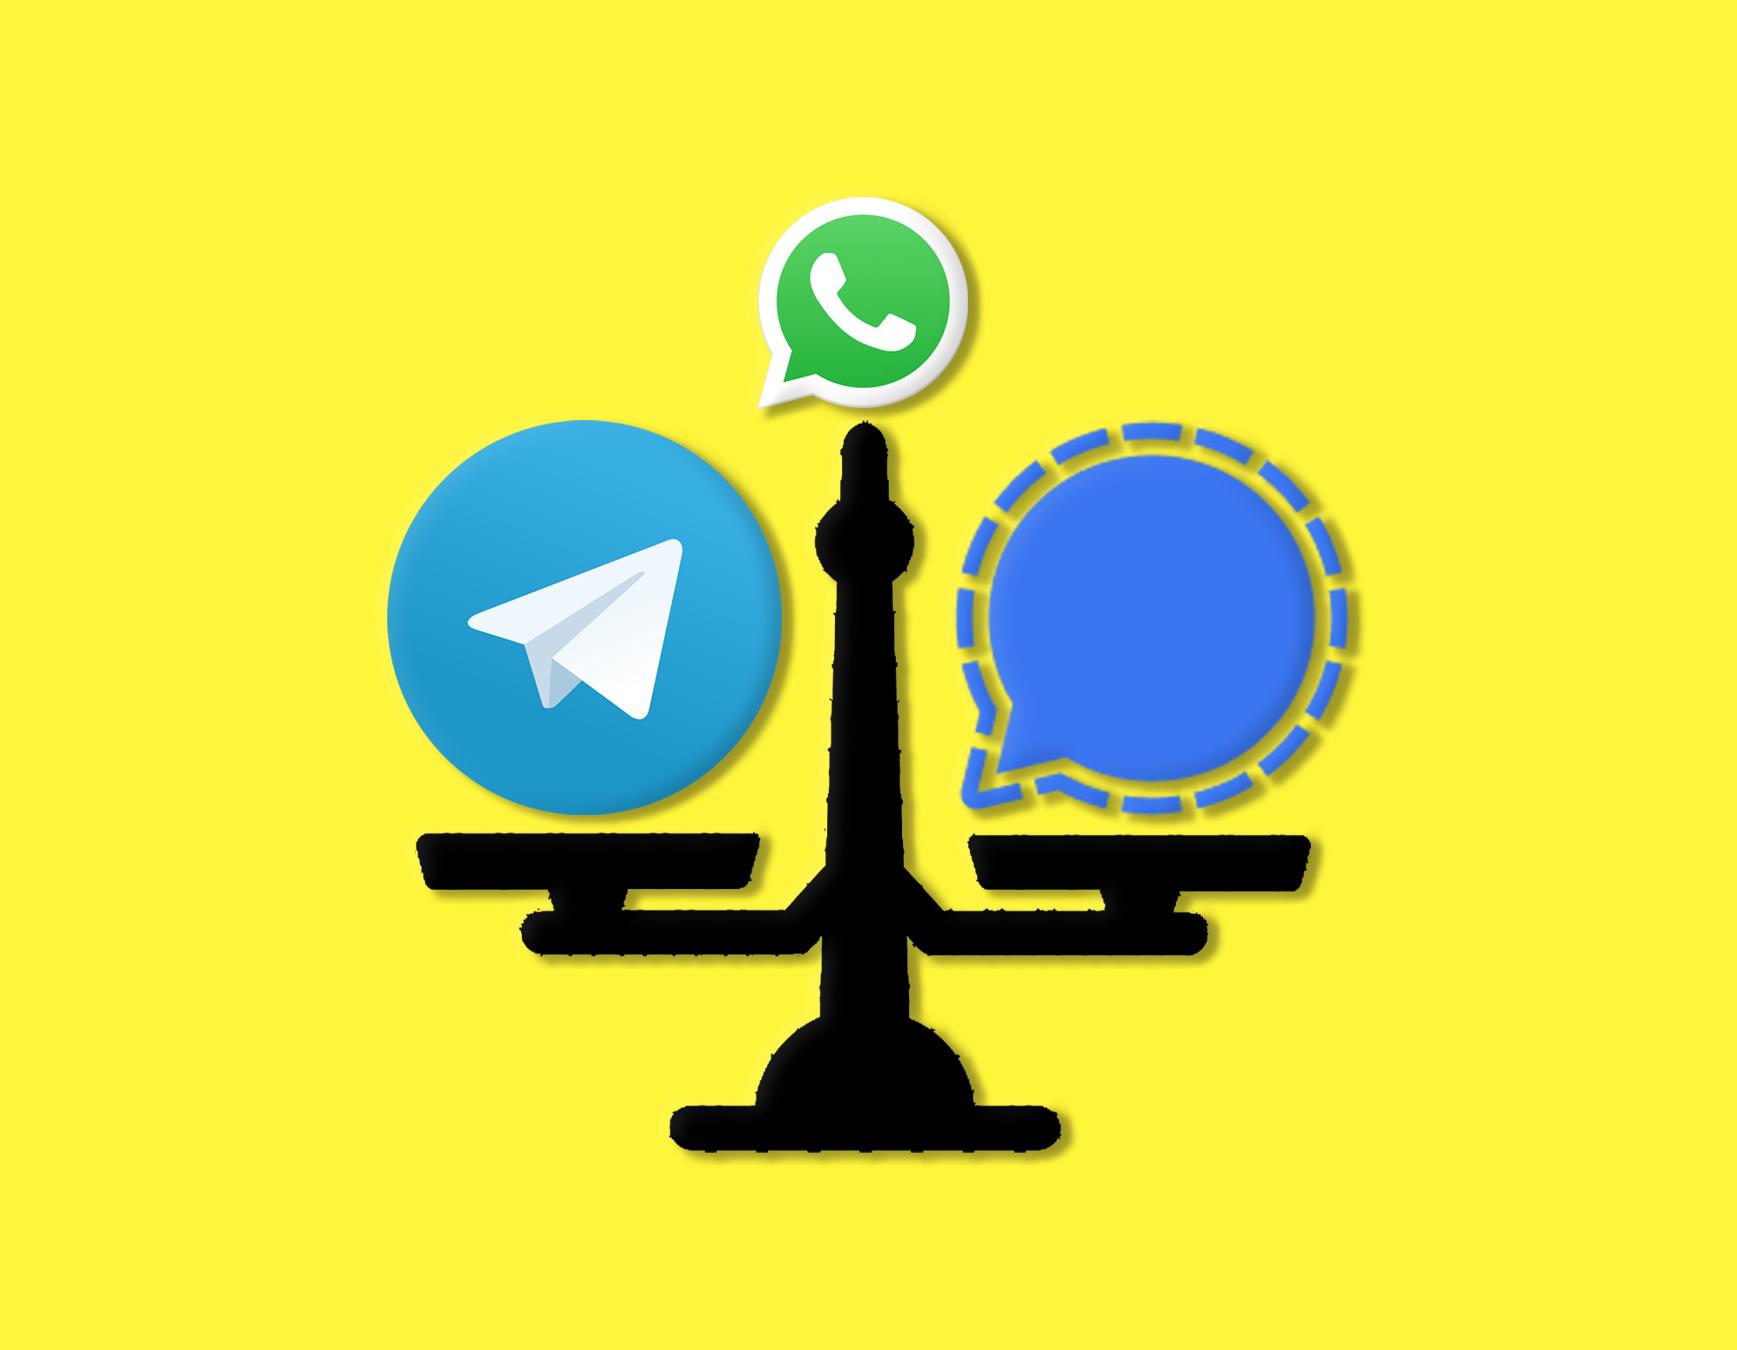 Quieres dejar WhatsApp por Telegram o Signal: ¿qué alternativa es mejor?